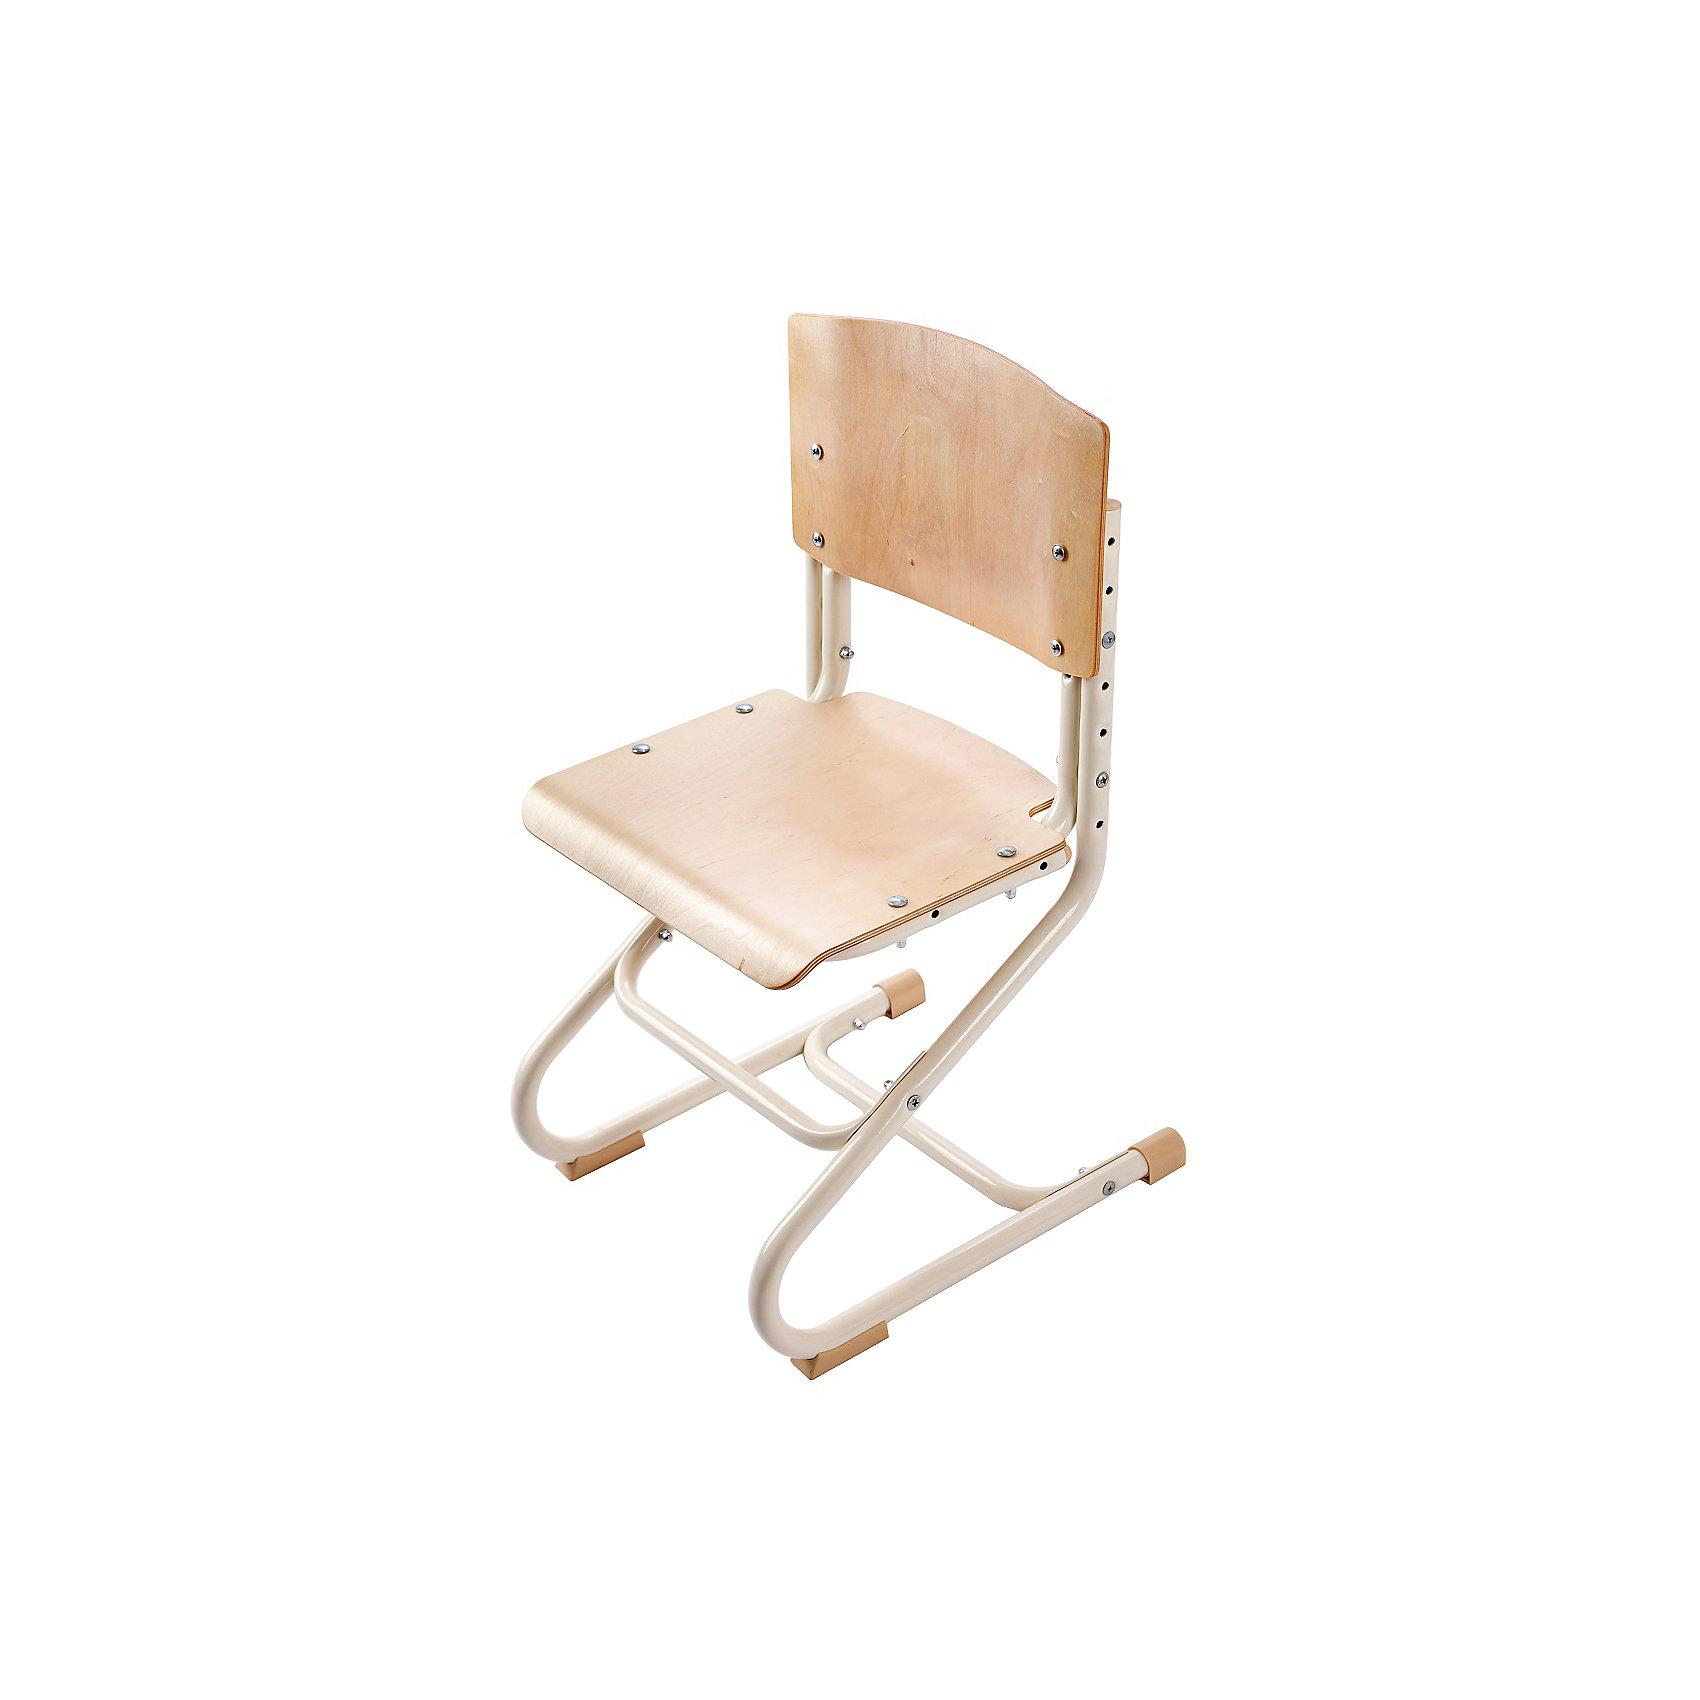 Стул универсальный СУТ.01-01, Дэми, бежевыйМебель<br>Стул универсальный СУТ.01-01, Дэми, бежевый – эргономичный стул для детей от 3 лет.<br>Высота ножек, положение сидения, наклон спинки регулируются, поэтому стул будет «расти» вместе с ребенком. Модель выполнена из прочного металла и фанеры, поэтому служить такой стул будет долгие годы. Регулируемая спинка также дополнительно помогает ребенку в поддержании красивой и здоровой осанки. Стул не теряет внешний вид спустя время и не требует особо ухода. <br><br>Дополнительная информация: <br><br>Высота сидения стула - 34,5-44,5 см<br>Глубина сидения стула - 31-34,5 см<br>Ширина сидения стула - 40 см <br>Вес: 7 кг<br>Материал: фанера, металл<br>Цвет: бежевый<br><br>Стул универсальный СУТ.01-01, Дэми, бежевый можно купить в нашем интернет магазине.<br><br>Ширина мм: 730<br>Глубина мм: 610<br>Высота мм: 80<br>Вес г: 8000<br>Возраст от месяцев: 48<br>Возраст до месяцев: 1188<br>Пол: Унисекс<br>Возраст: Детский<br>SKU: 4919210